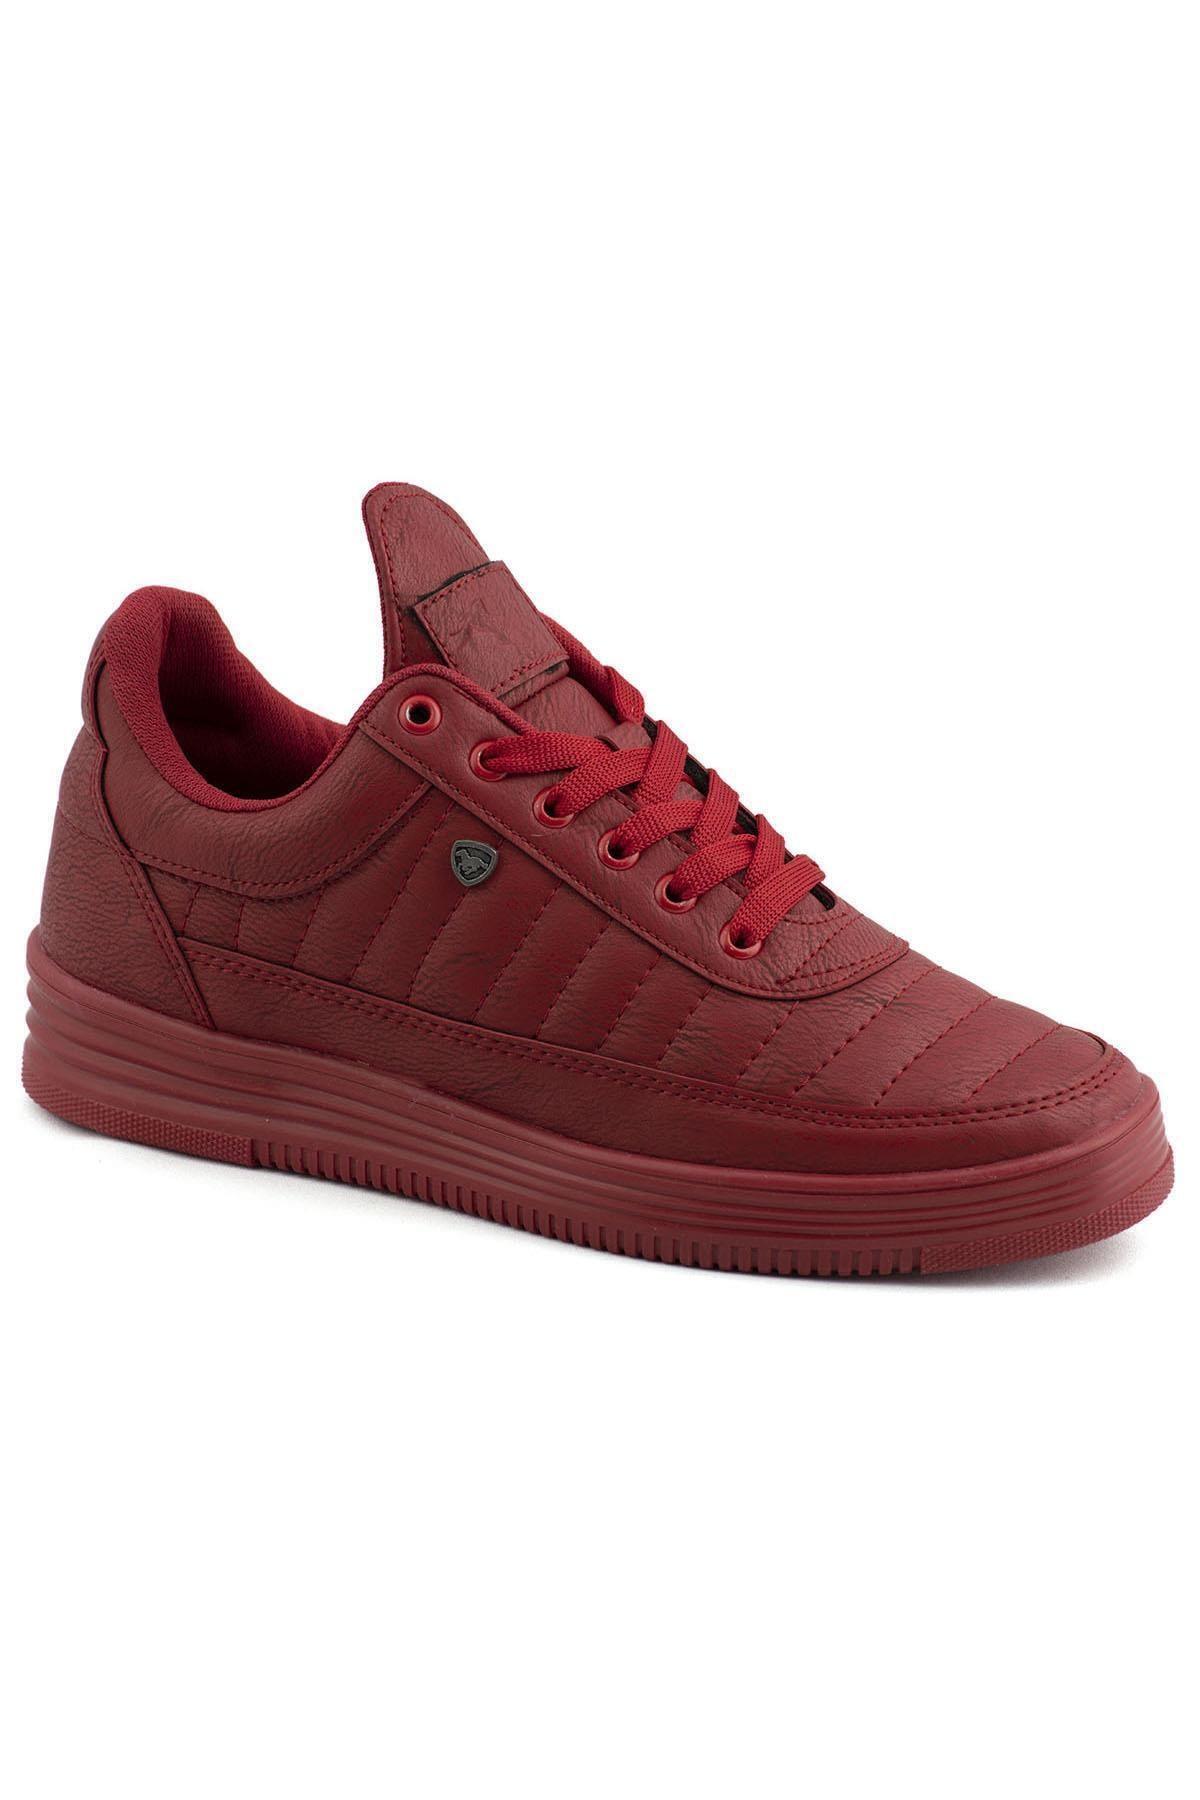 07 Kırmızı Kırmızı Dikişli Unisex Spor Ayakkabı